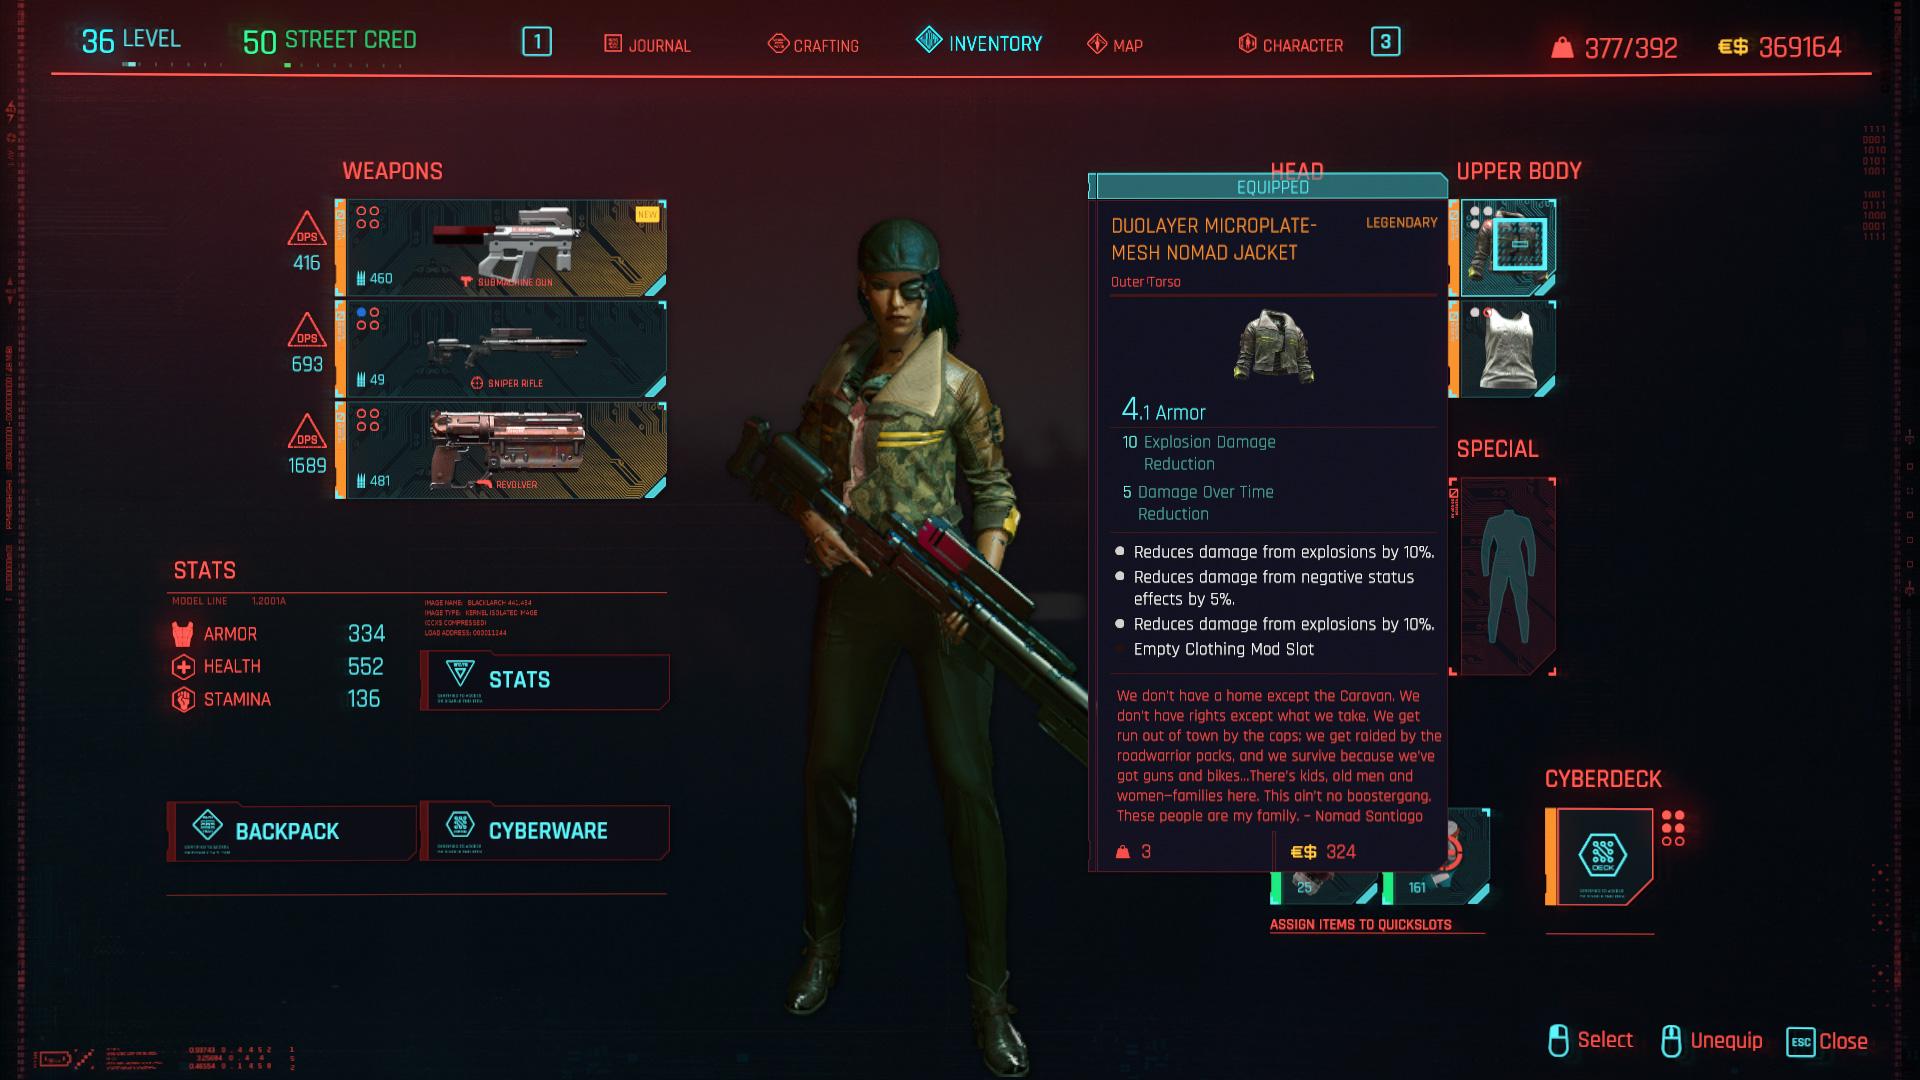 Tous les vêtements légendaires et emblématiques de Cyberpunk 2077 - Veste Nomade Microplate Mesh Duolayer